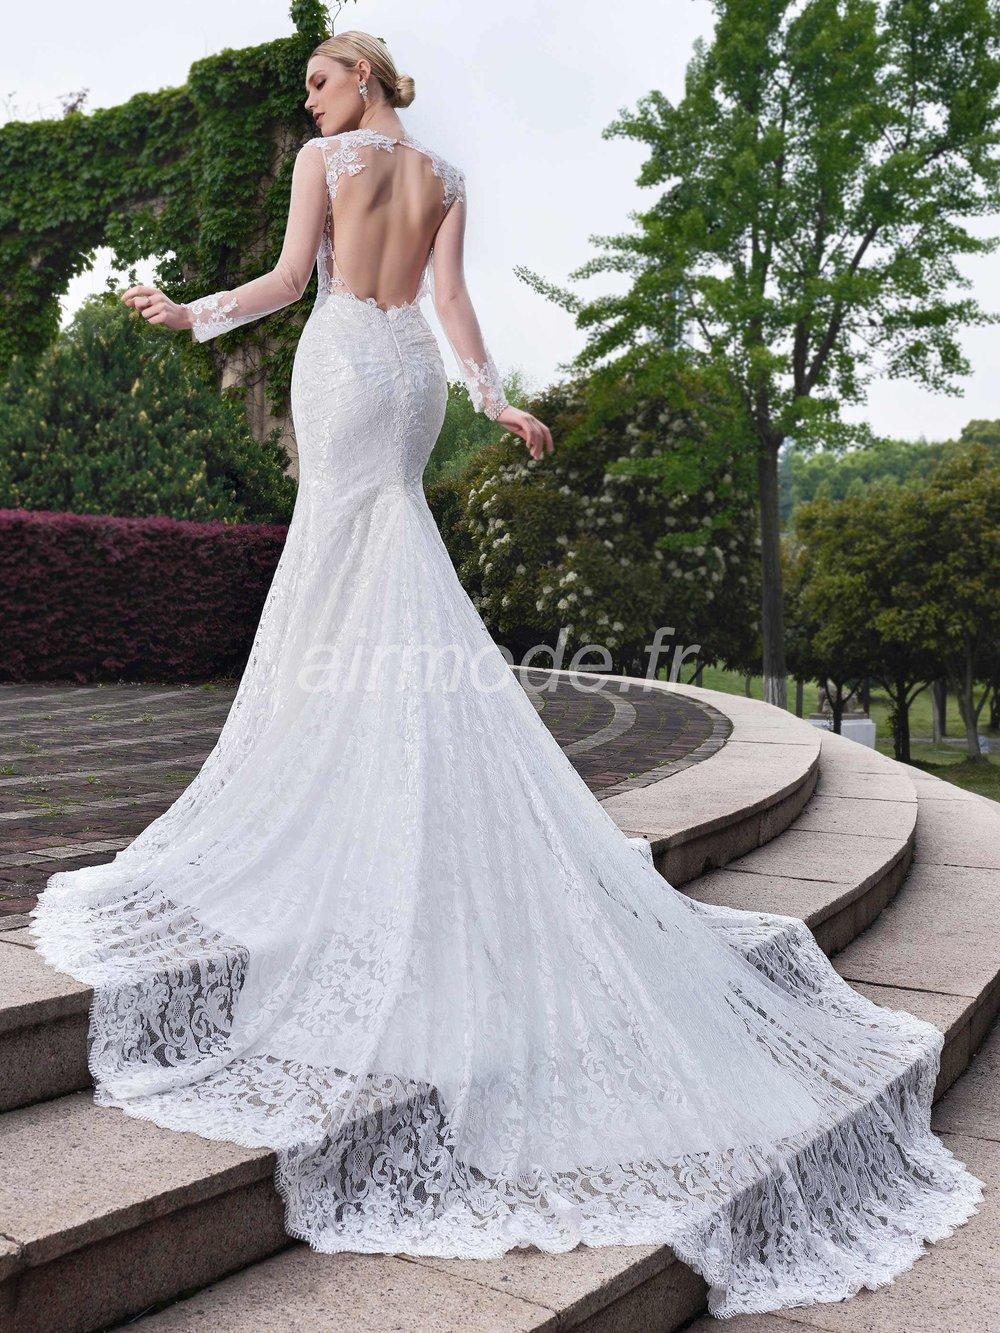 longueur des manches longues étage appliques naturelles église automne trompette / sirène la robe de mariée de jardin / outdoor